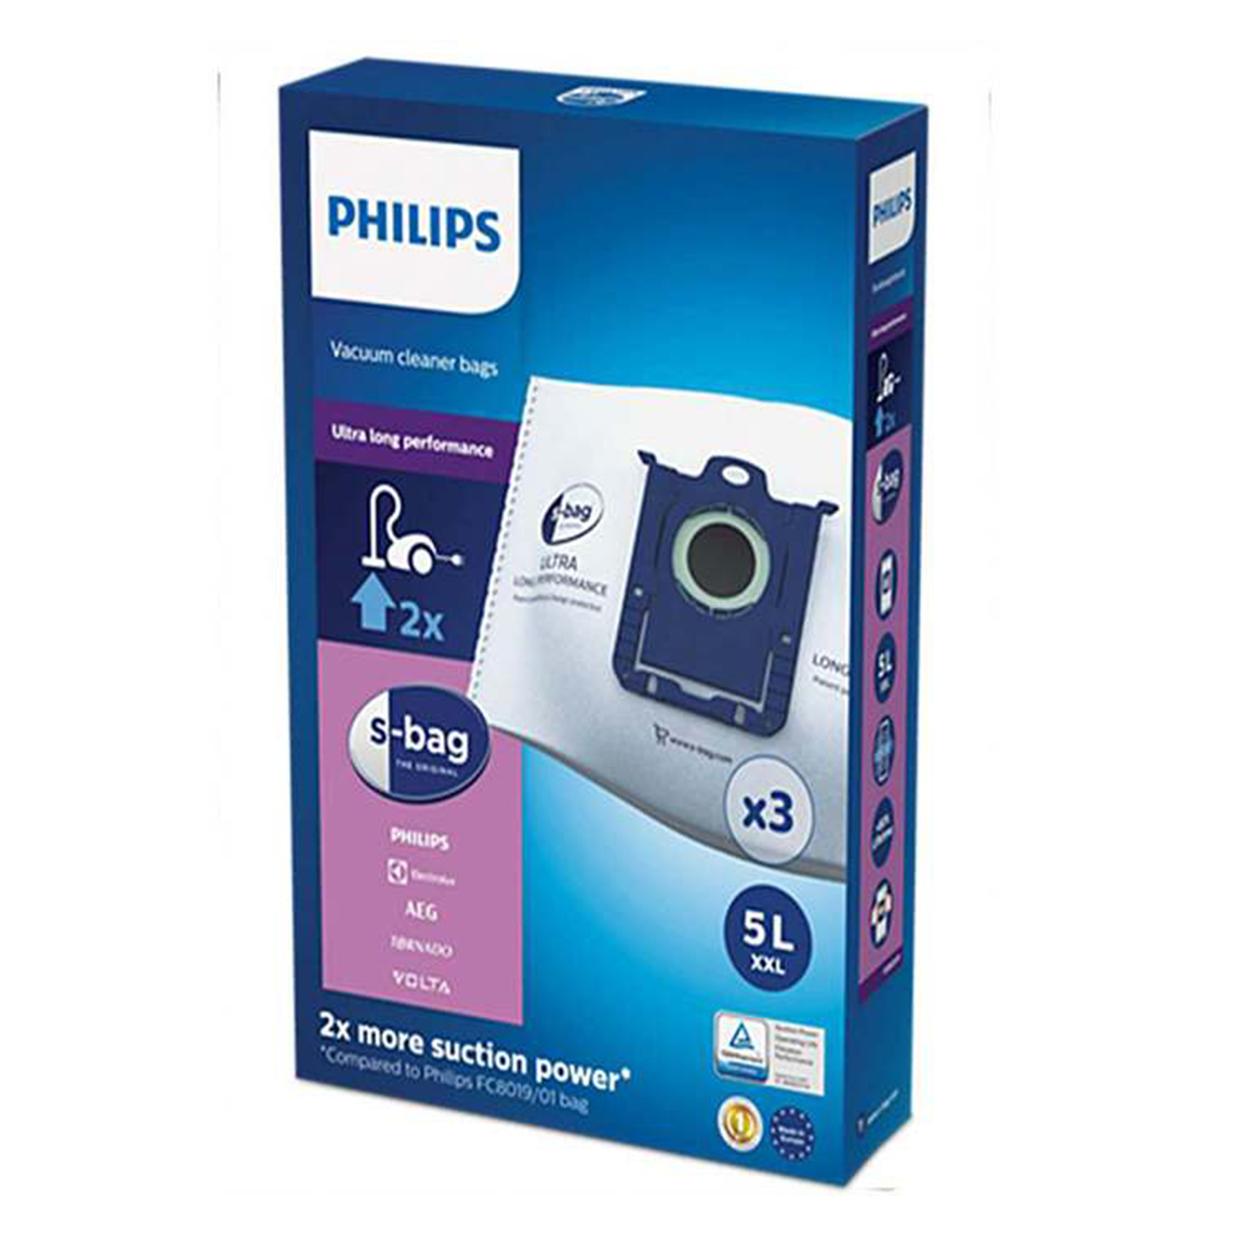 Pirkite s-bag Dulkių siurblių maišelius FC8027 elektroninėje | Philips parduotuvėje